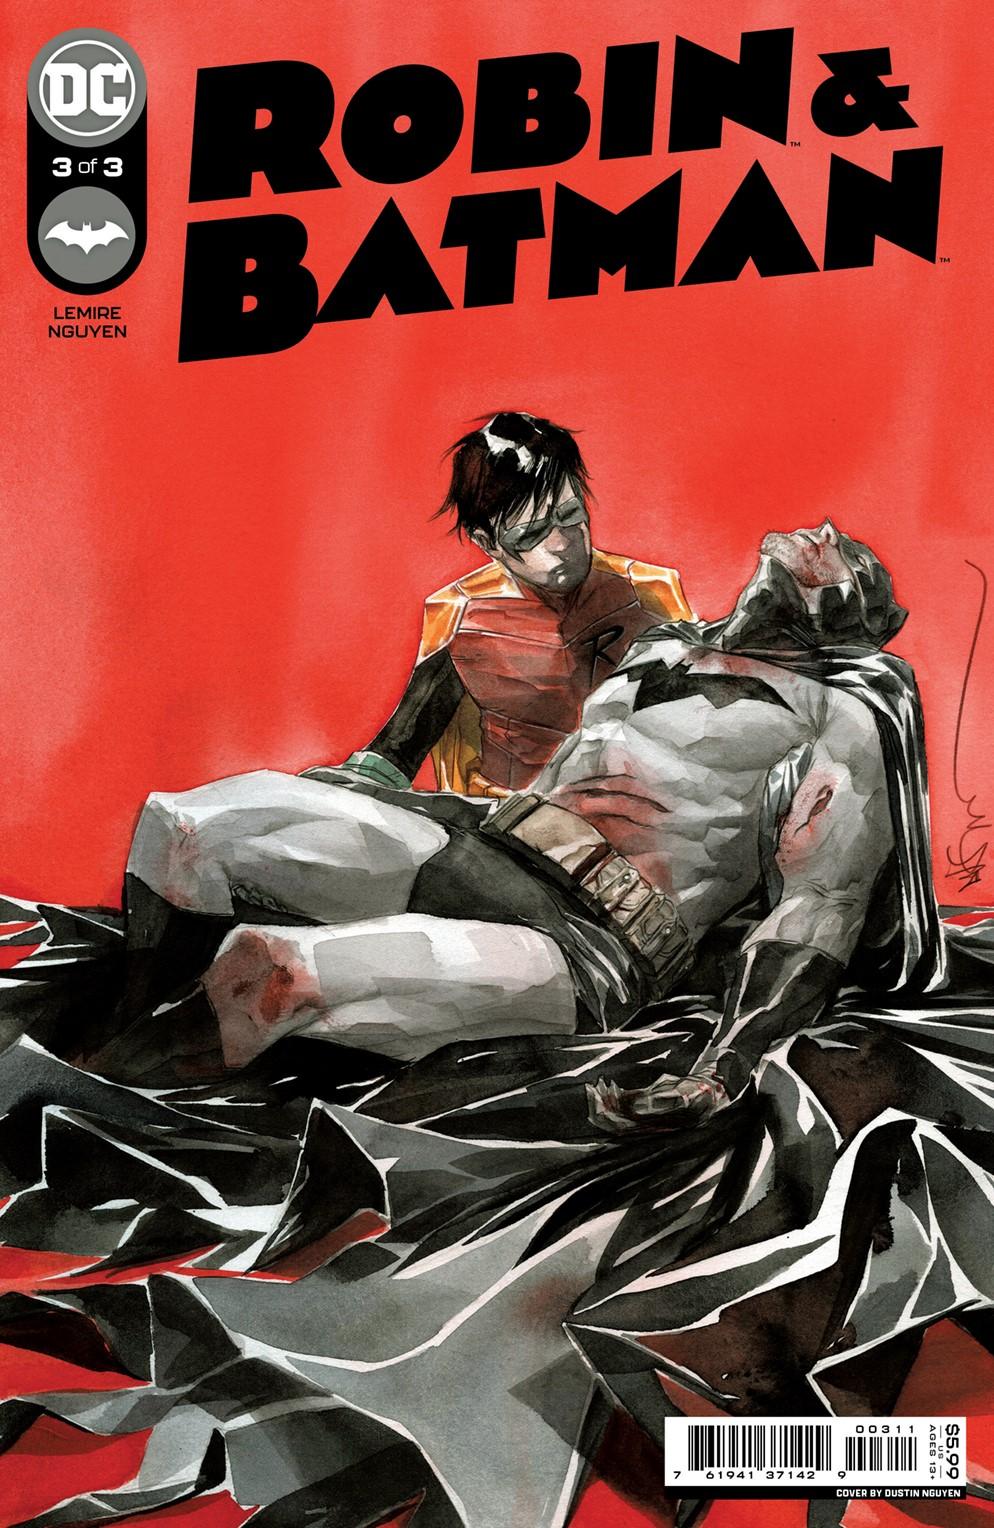 Robin_Batman_Cv3 DC Comics December 2021 Solicitations